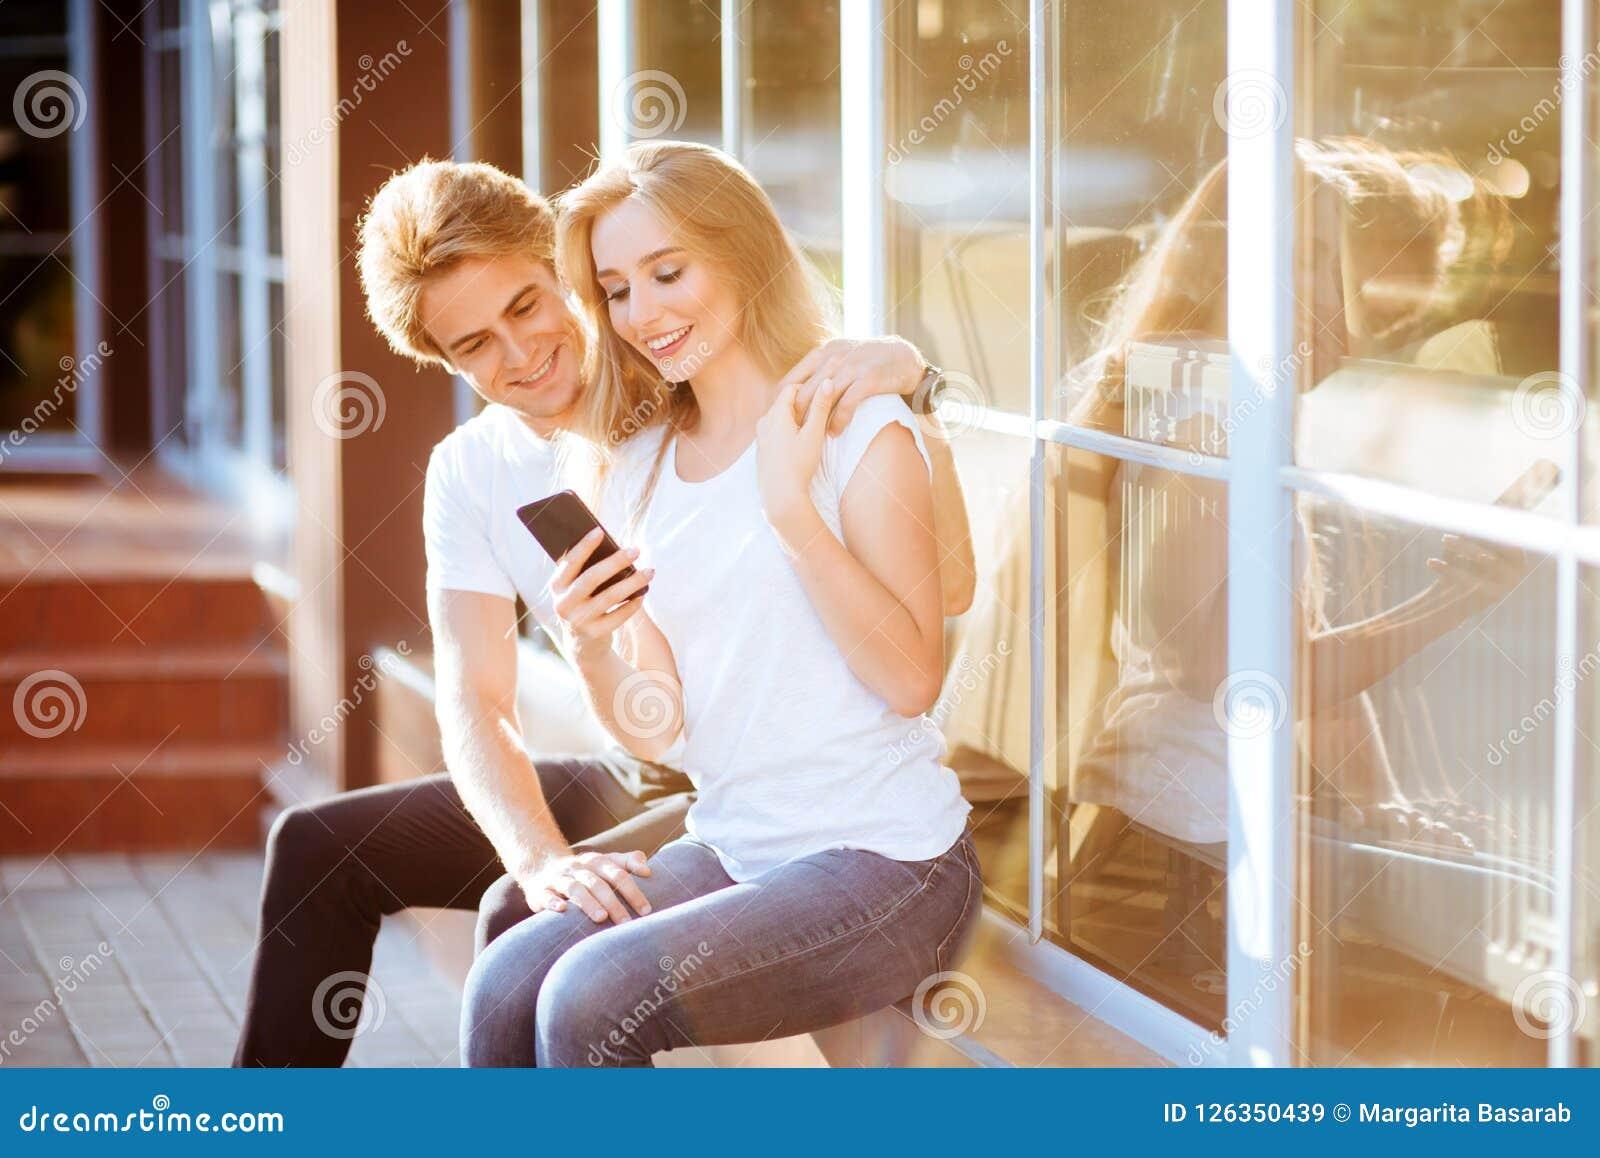 Selfie con Smartphone, par joven feliz